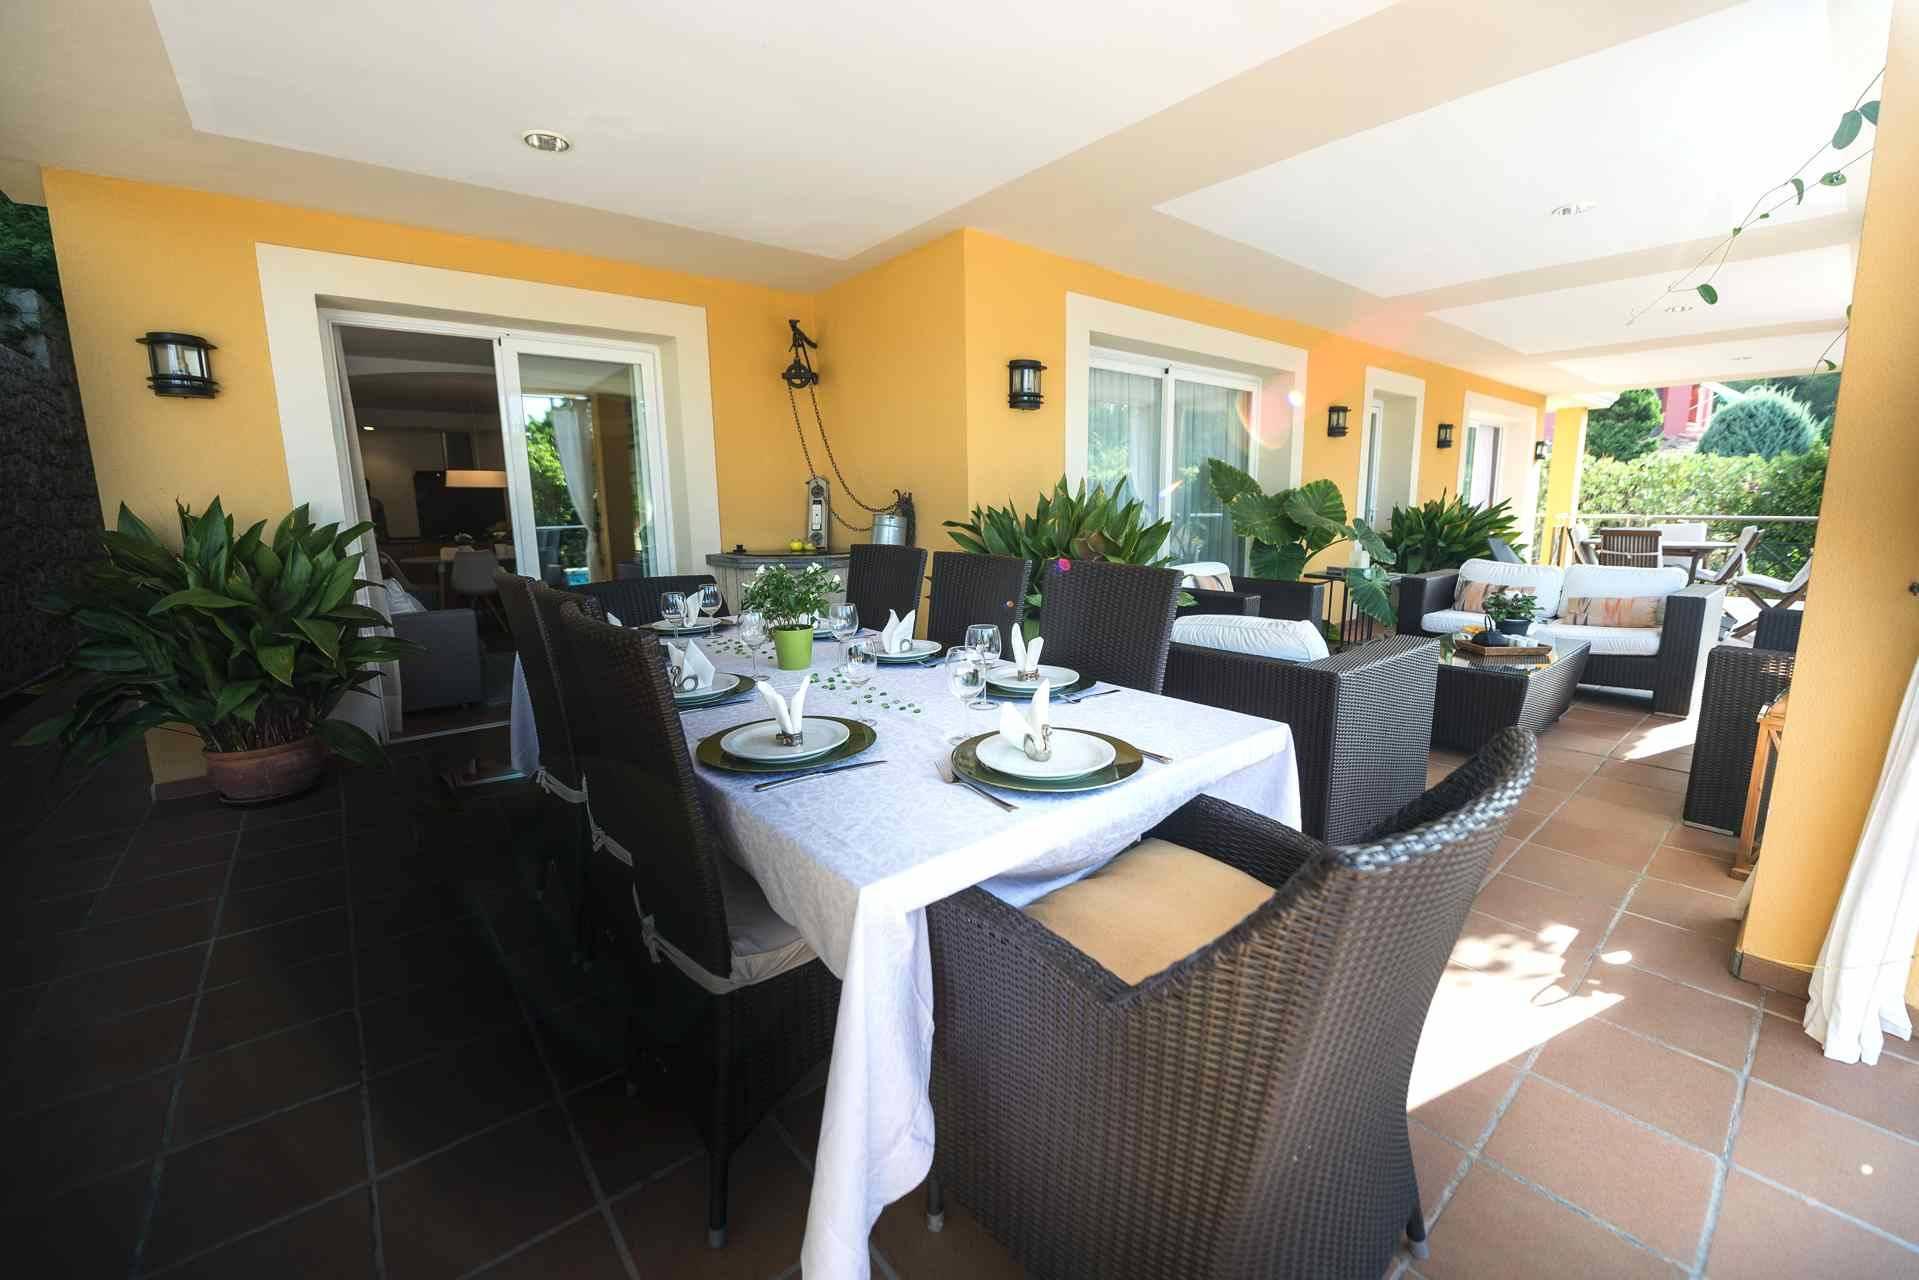 01-311 Golfplatz Villa Südwesten Mallorca Bild 5